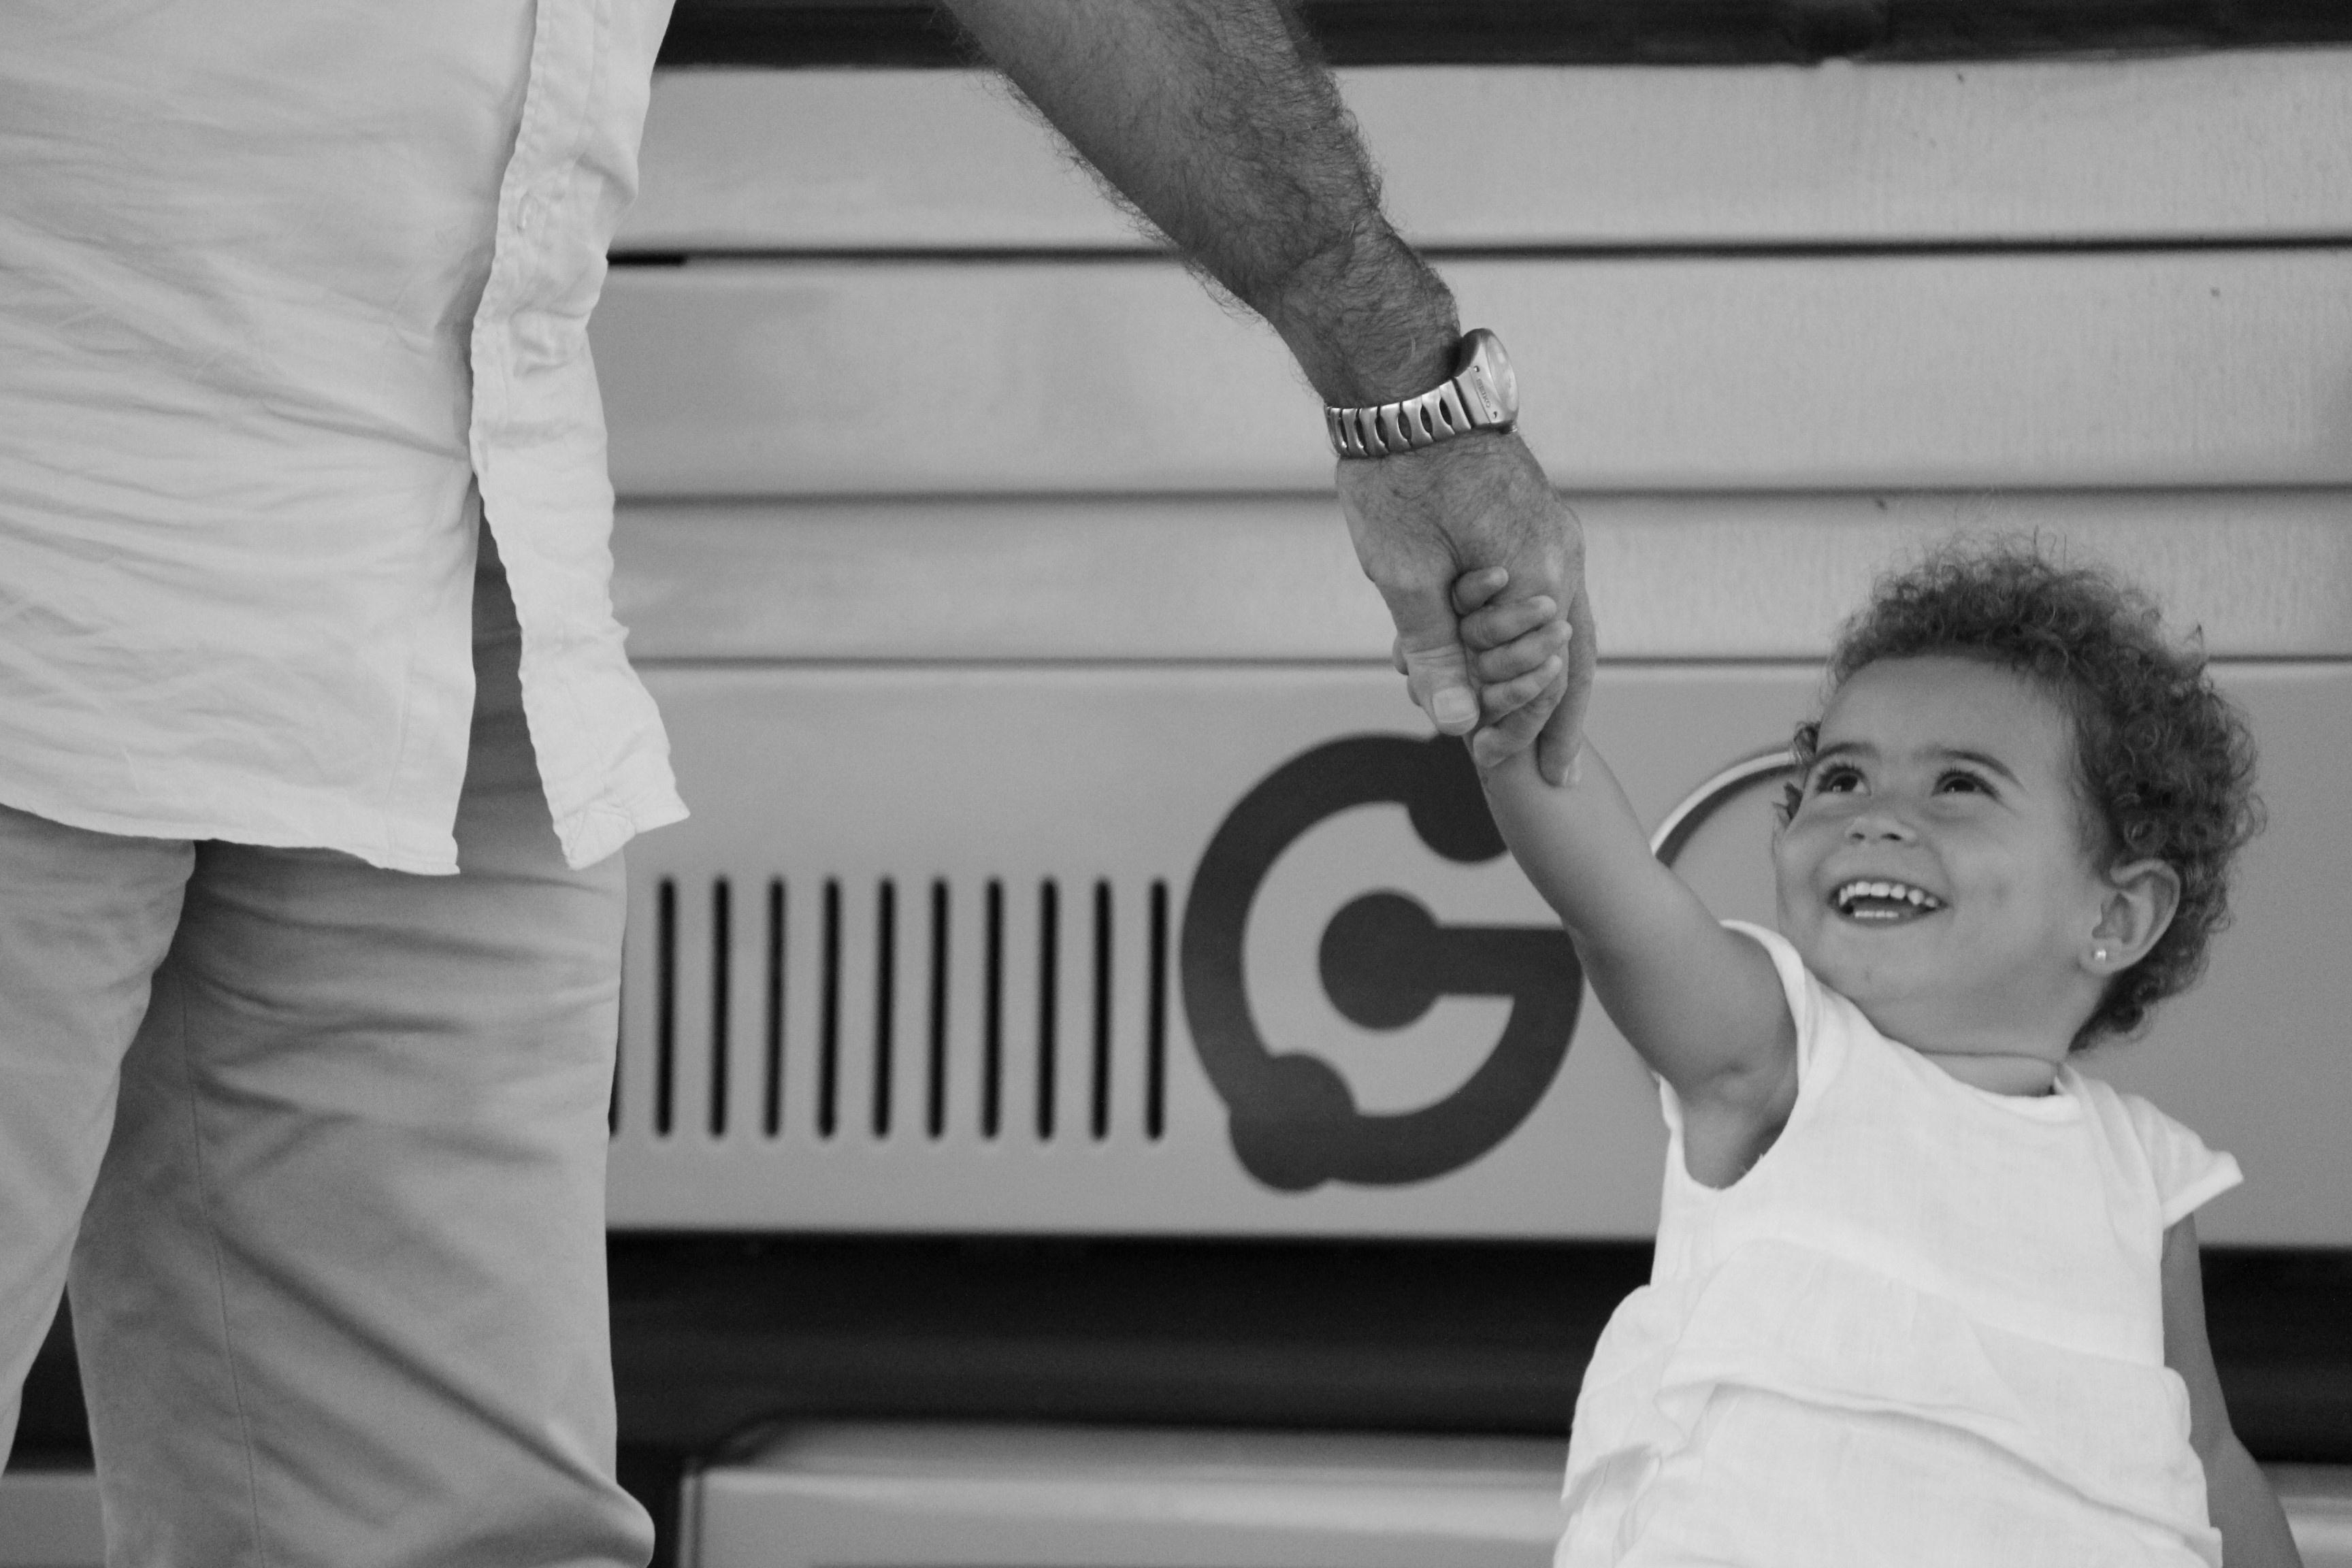 Guaguas Municipales elige la imagen »Juntos avanzamos» como ganadora del primer Concurso de Fotografía de adulto